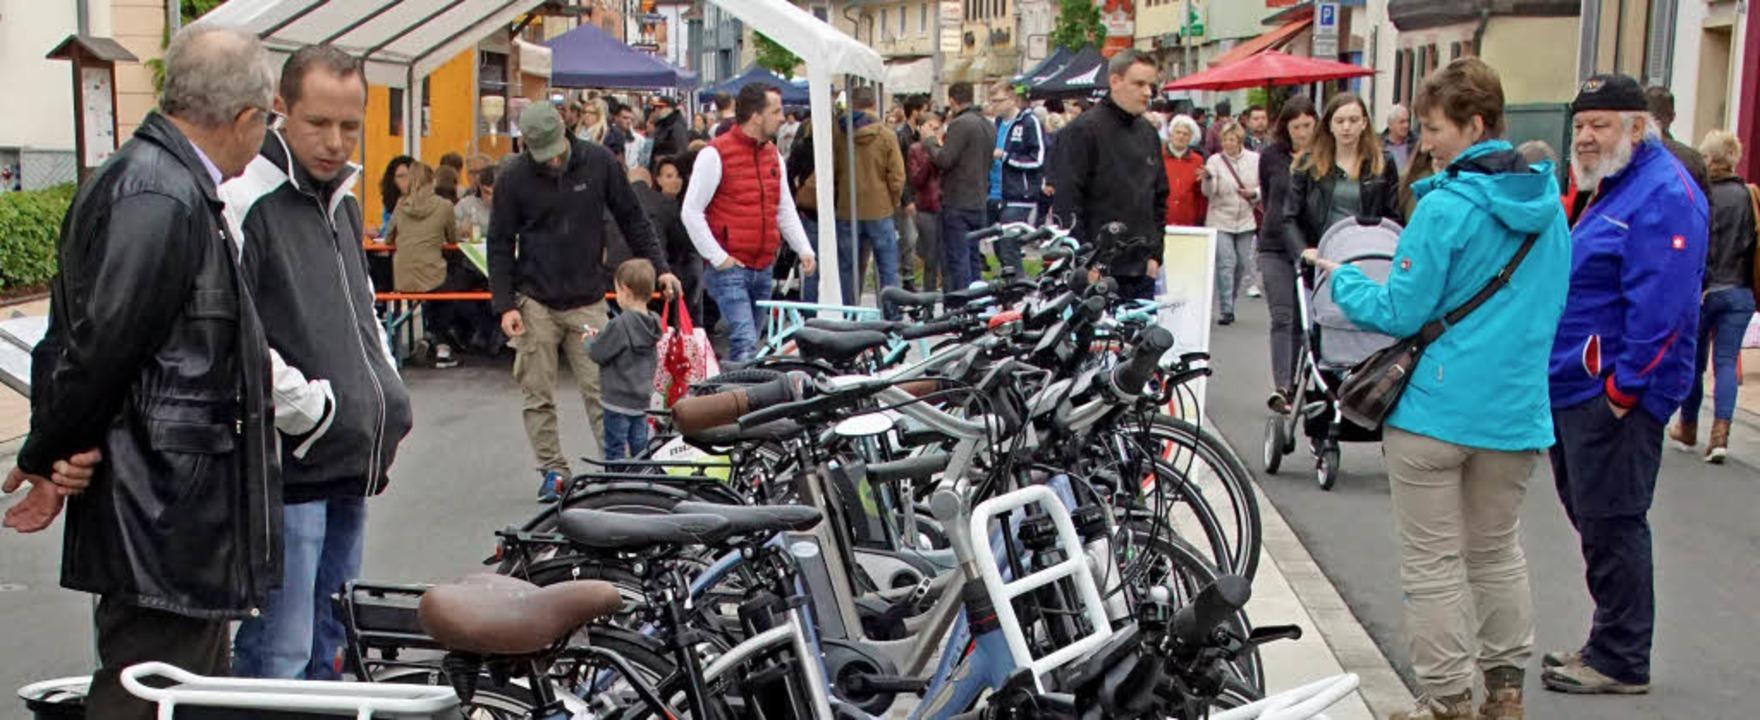 Rad- und Bikermarkt: Der Herbolzheimer...war am frühen Nachmittag gut besucht.     Foto: Ilona Hüge